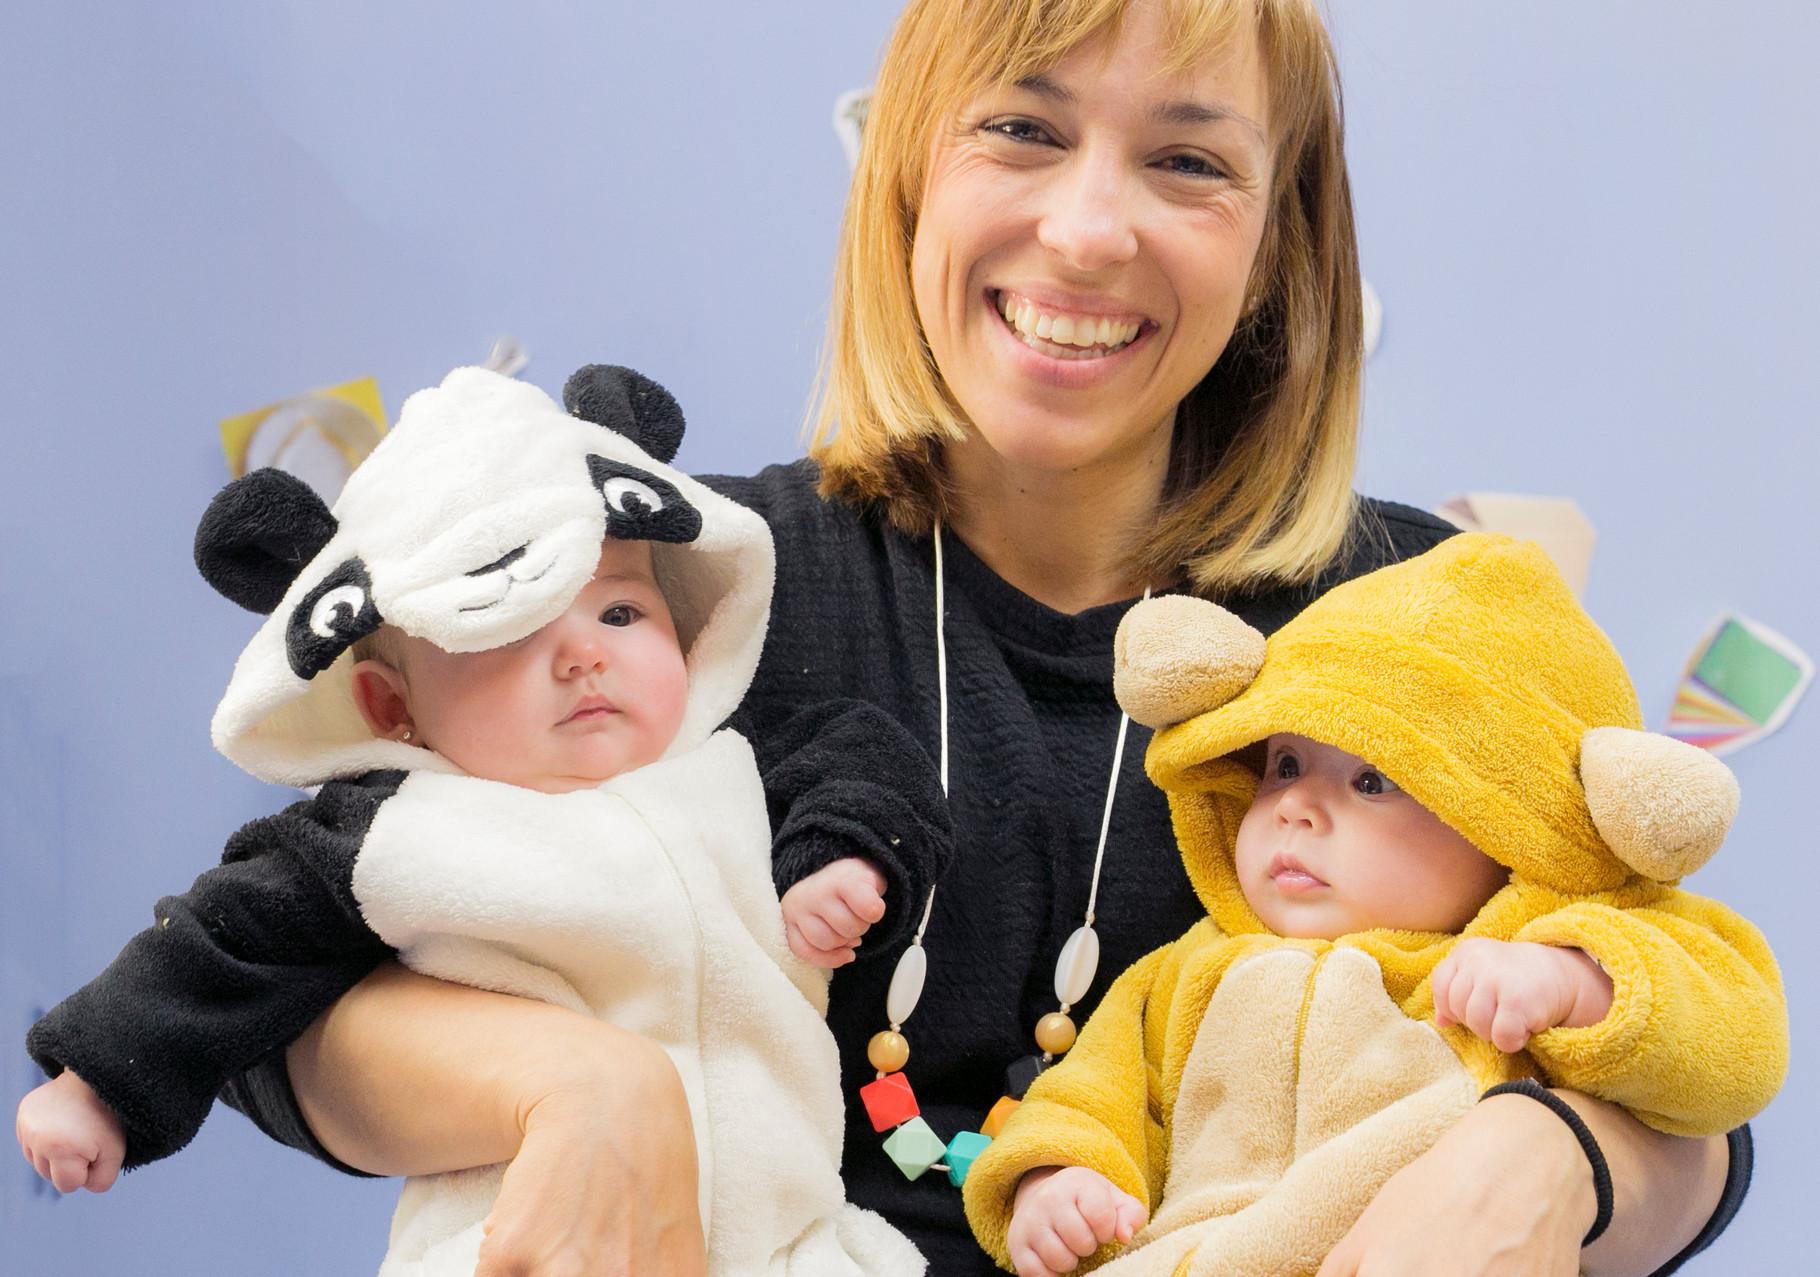 Sonia, con Berta (osito panda) y Rita (osito pardo)